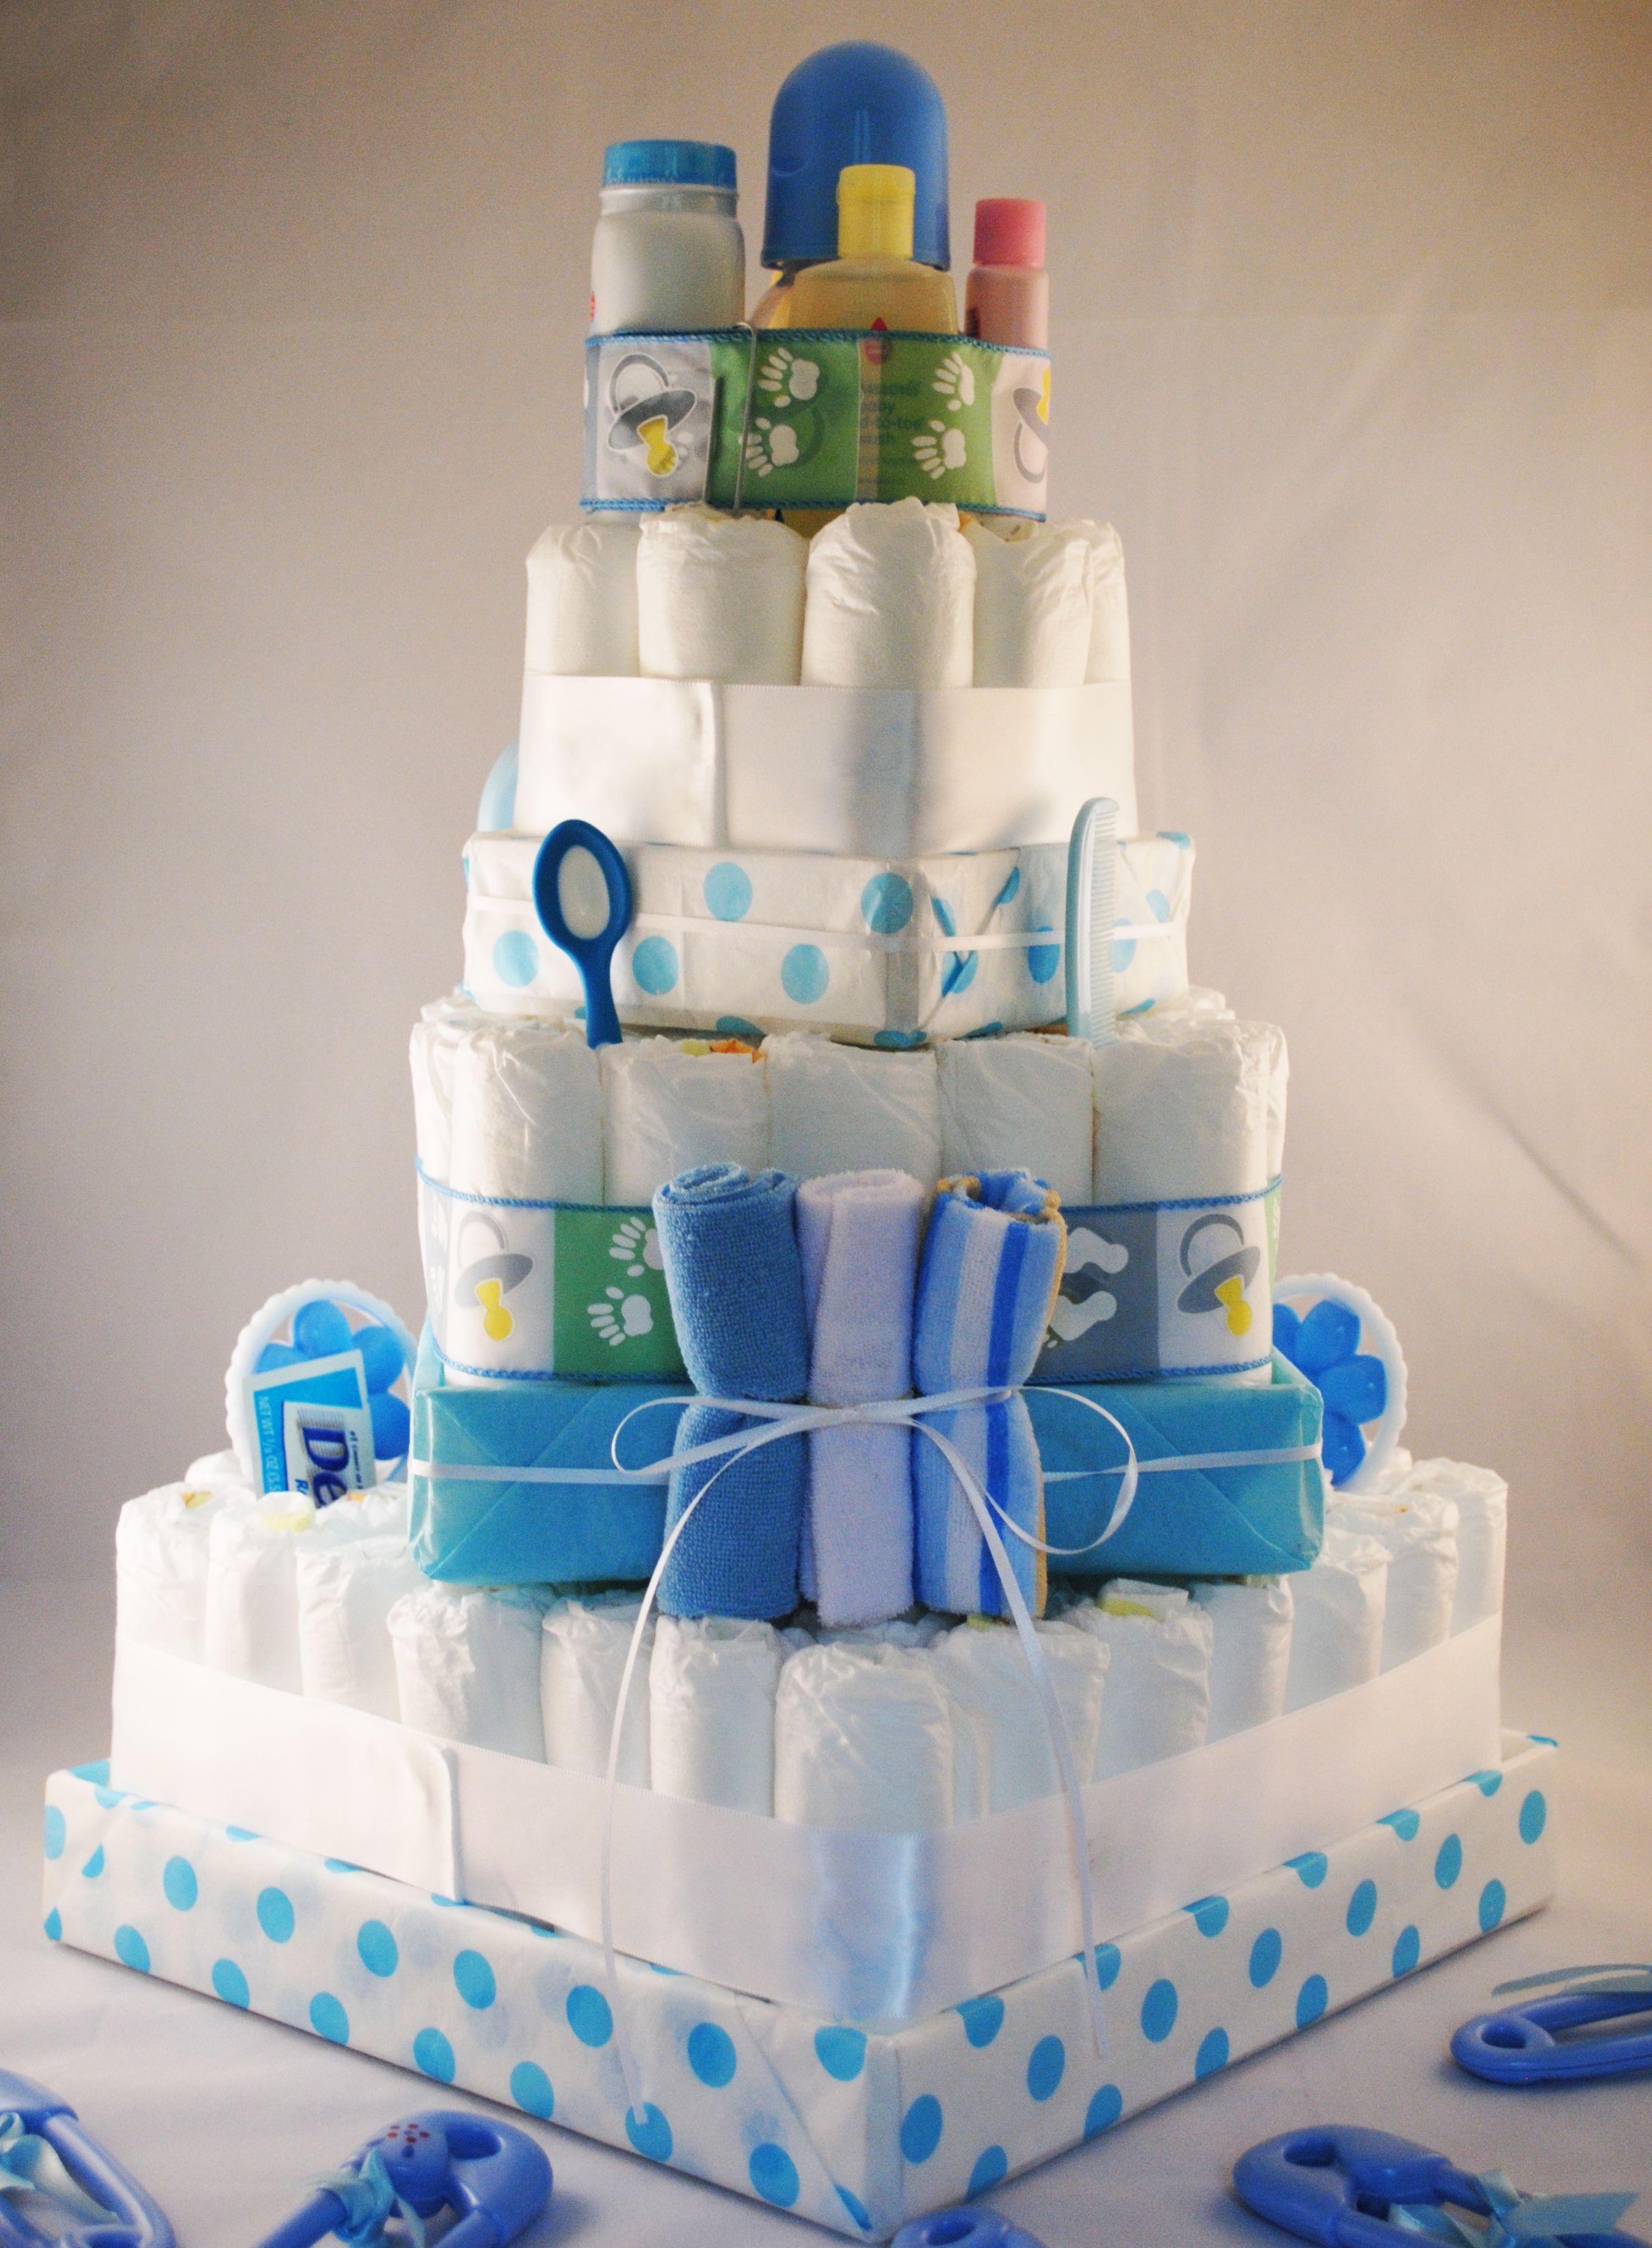 Square Polka Dot Diaper Cake